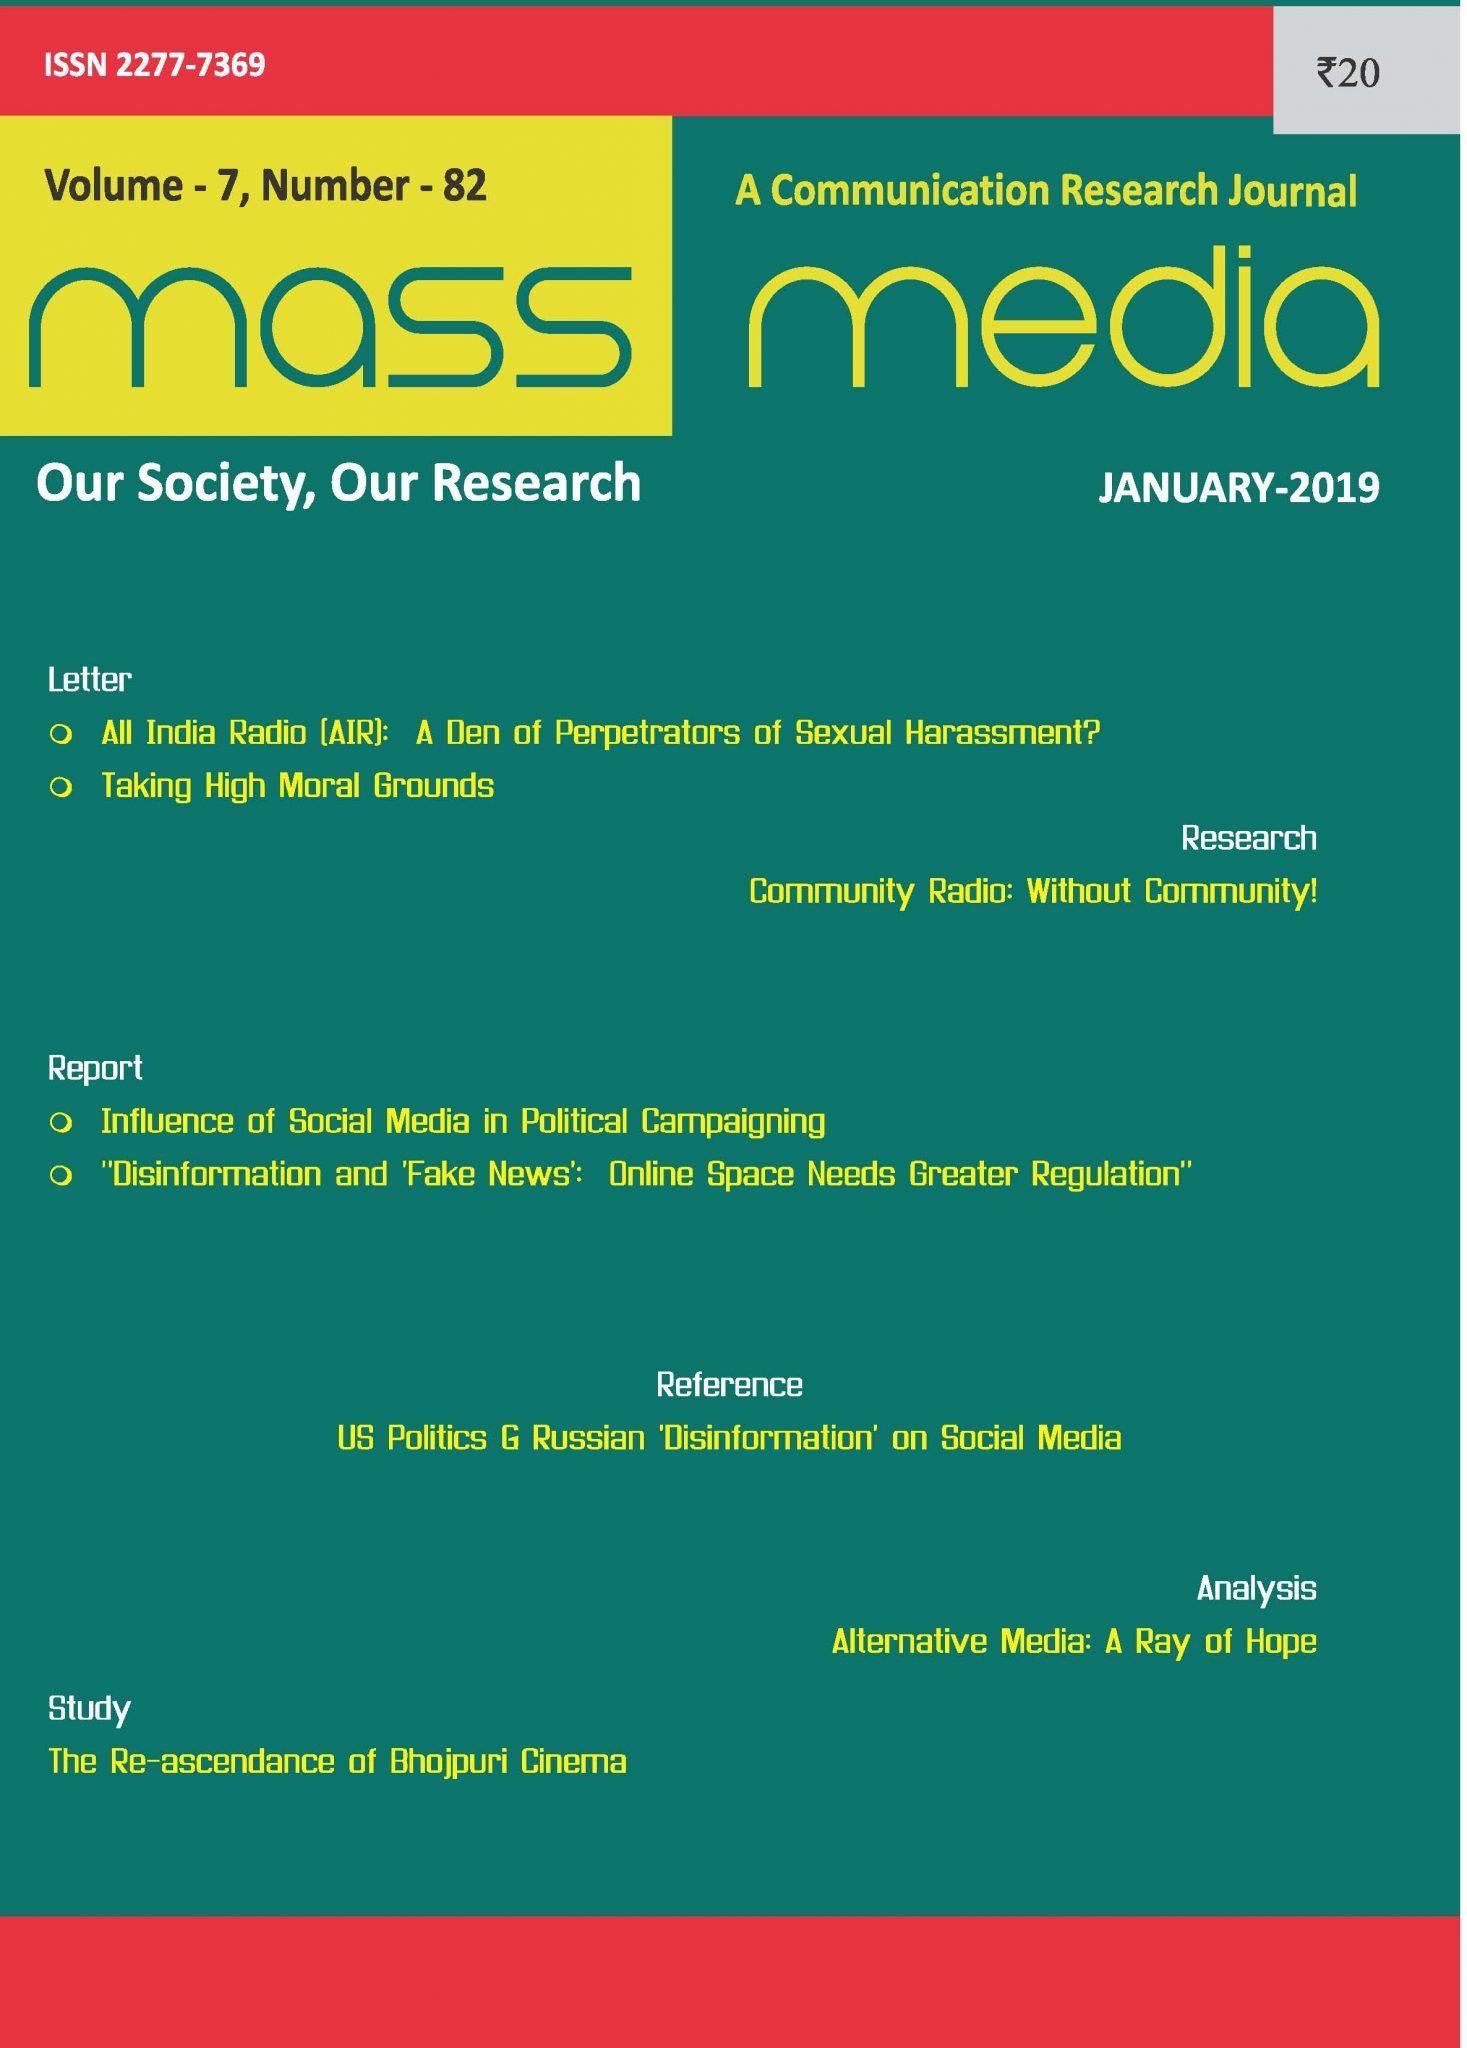 Mass Media (January 2019)